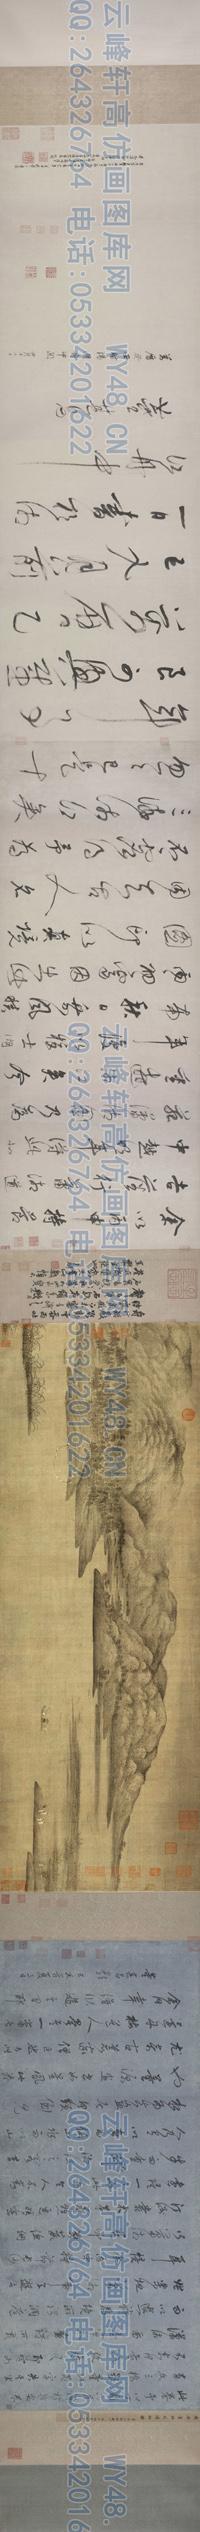 五代-董源-潇湘图卷-故宫博物院藏